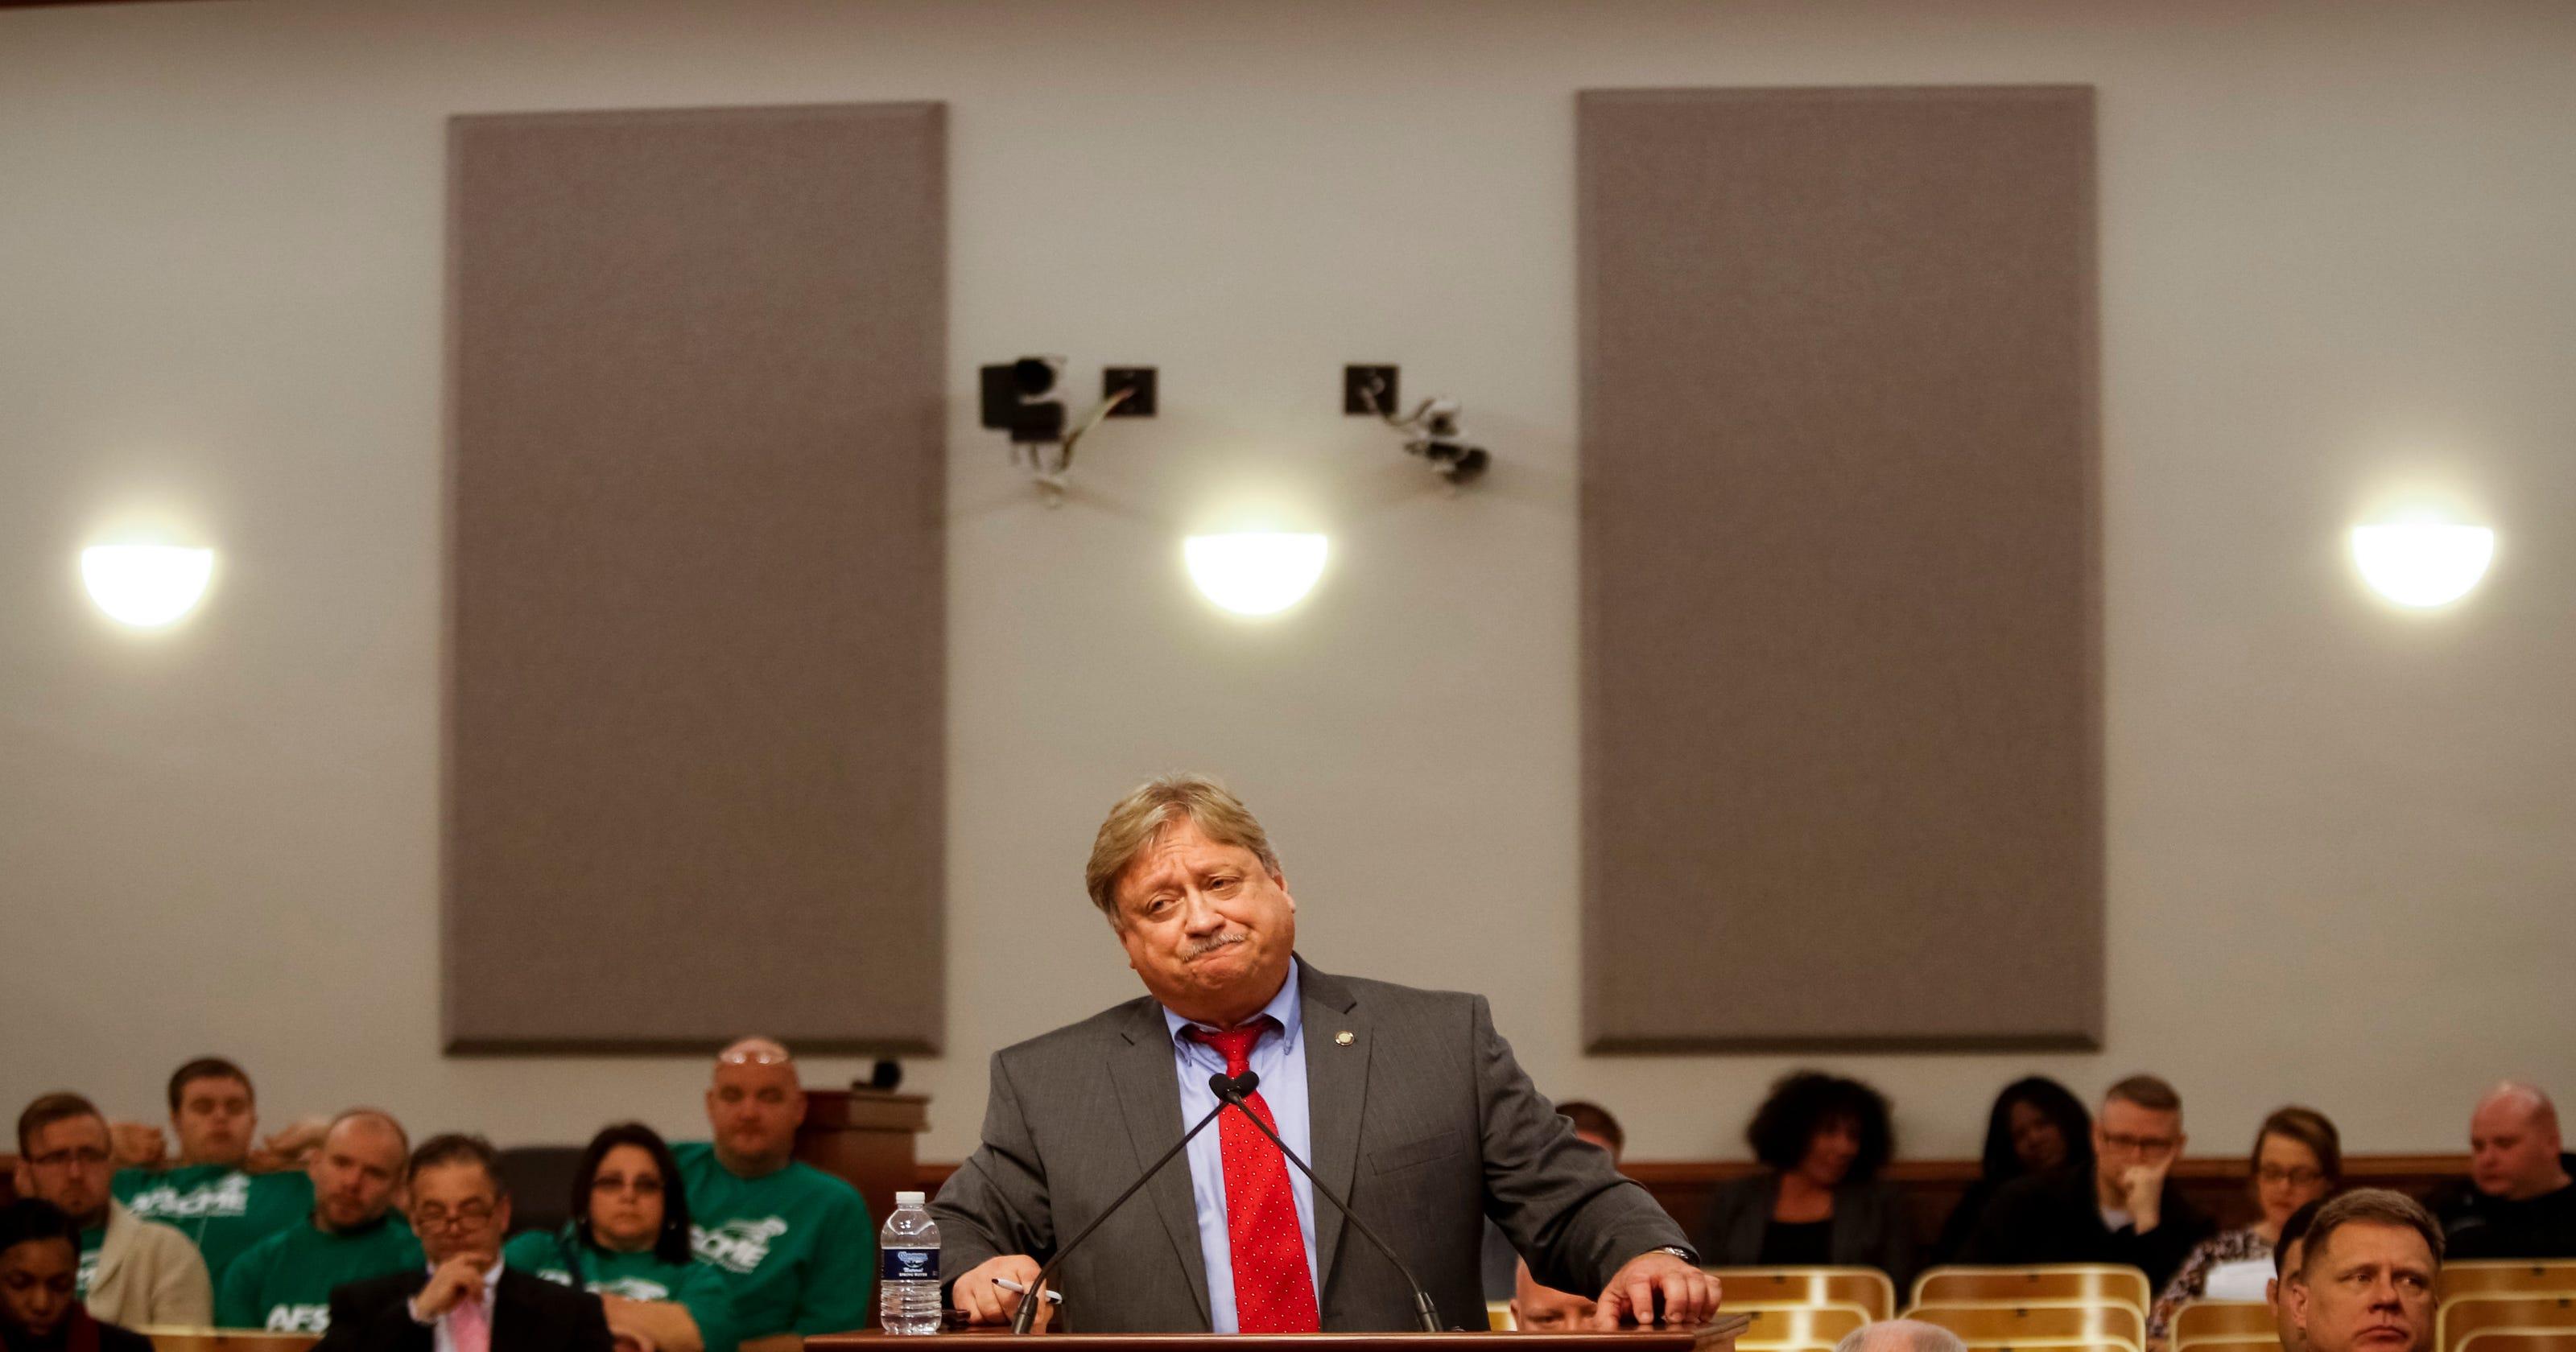 Louisville jail director questions 'oddities' in 87% no